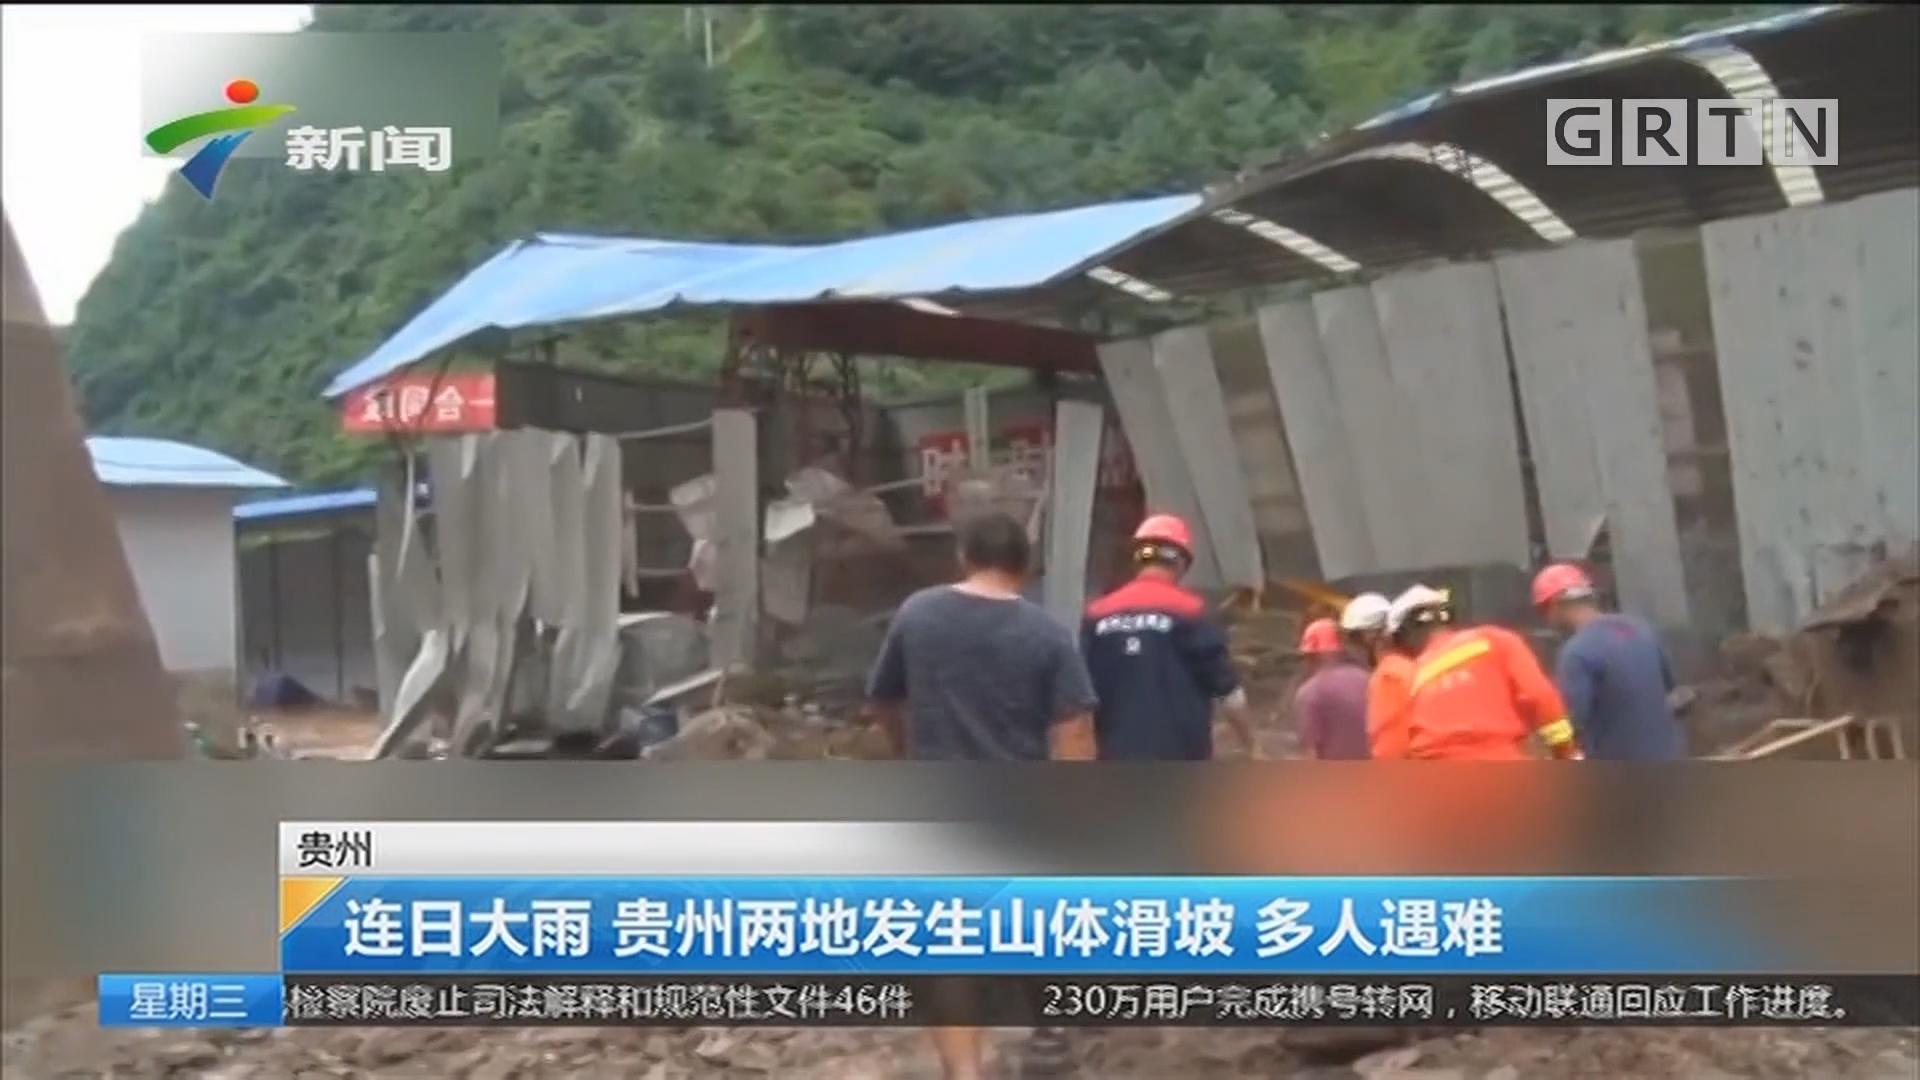 贵州:连日大雨 贵州两地发生山体滑坡 多人遇难